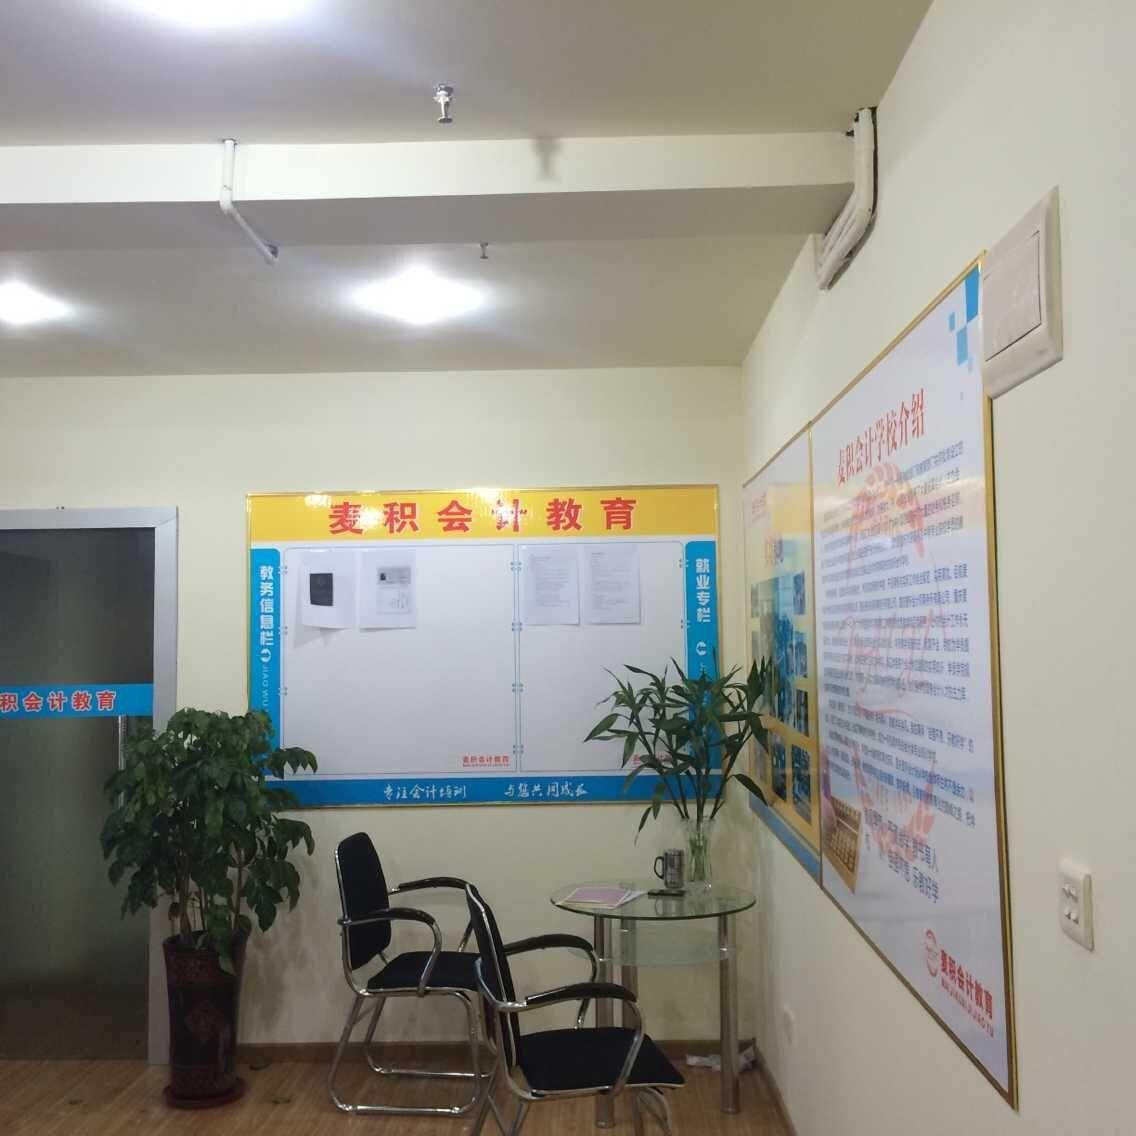 重庆麦积会计培训学校宣传栏